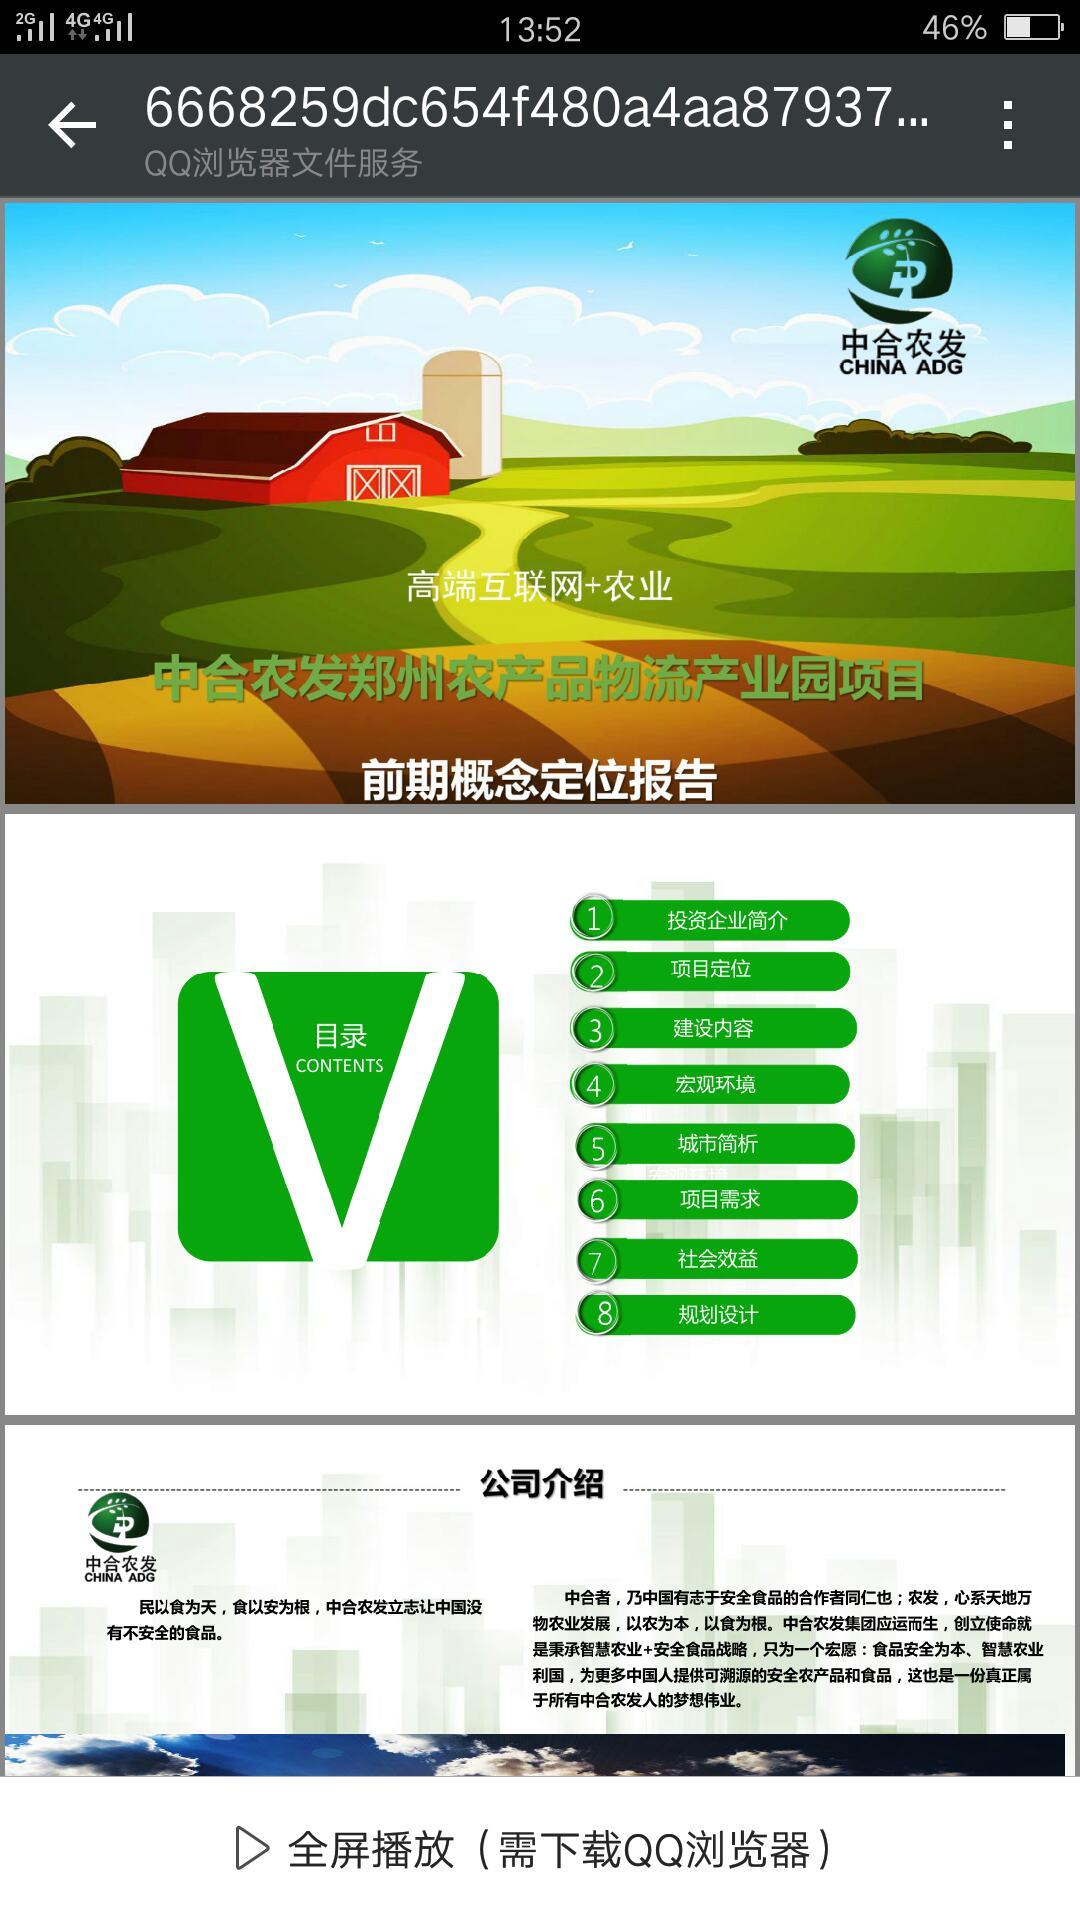 中合农发建设集团